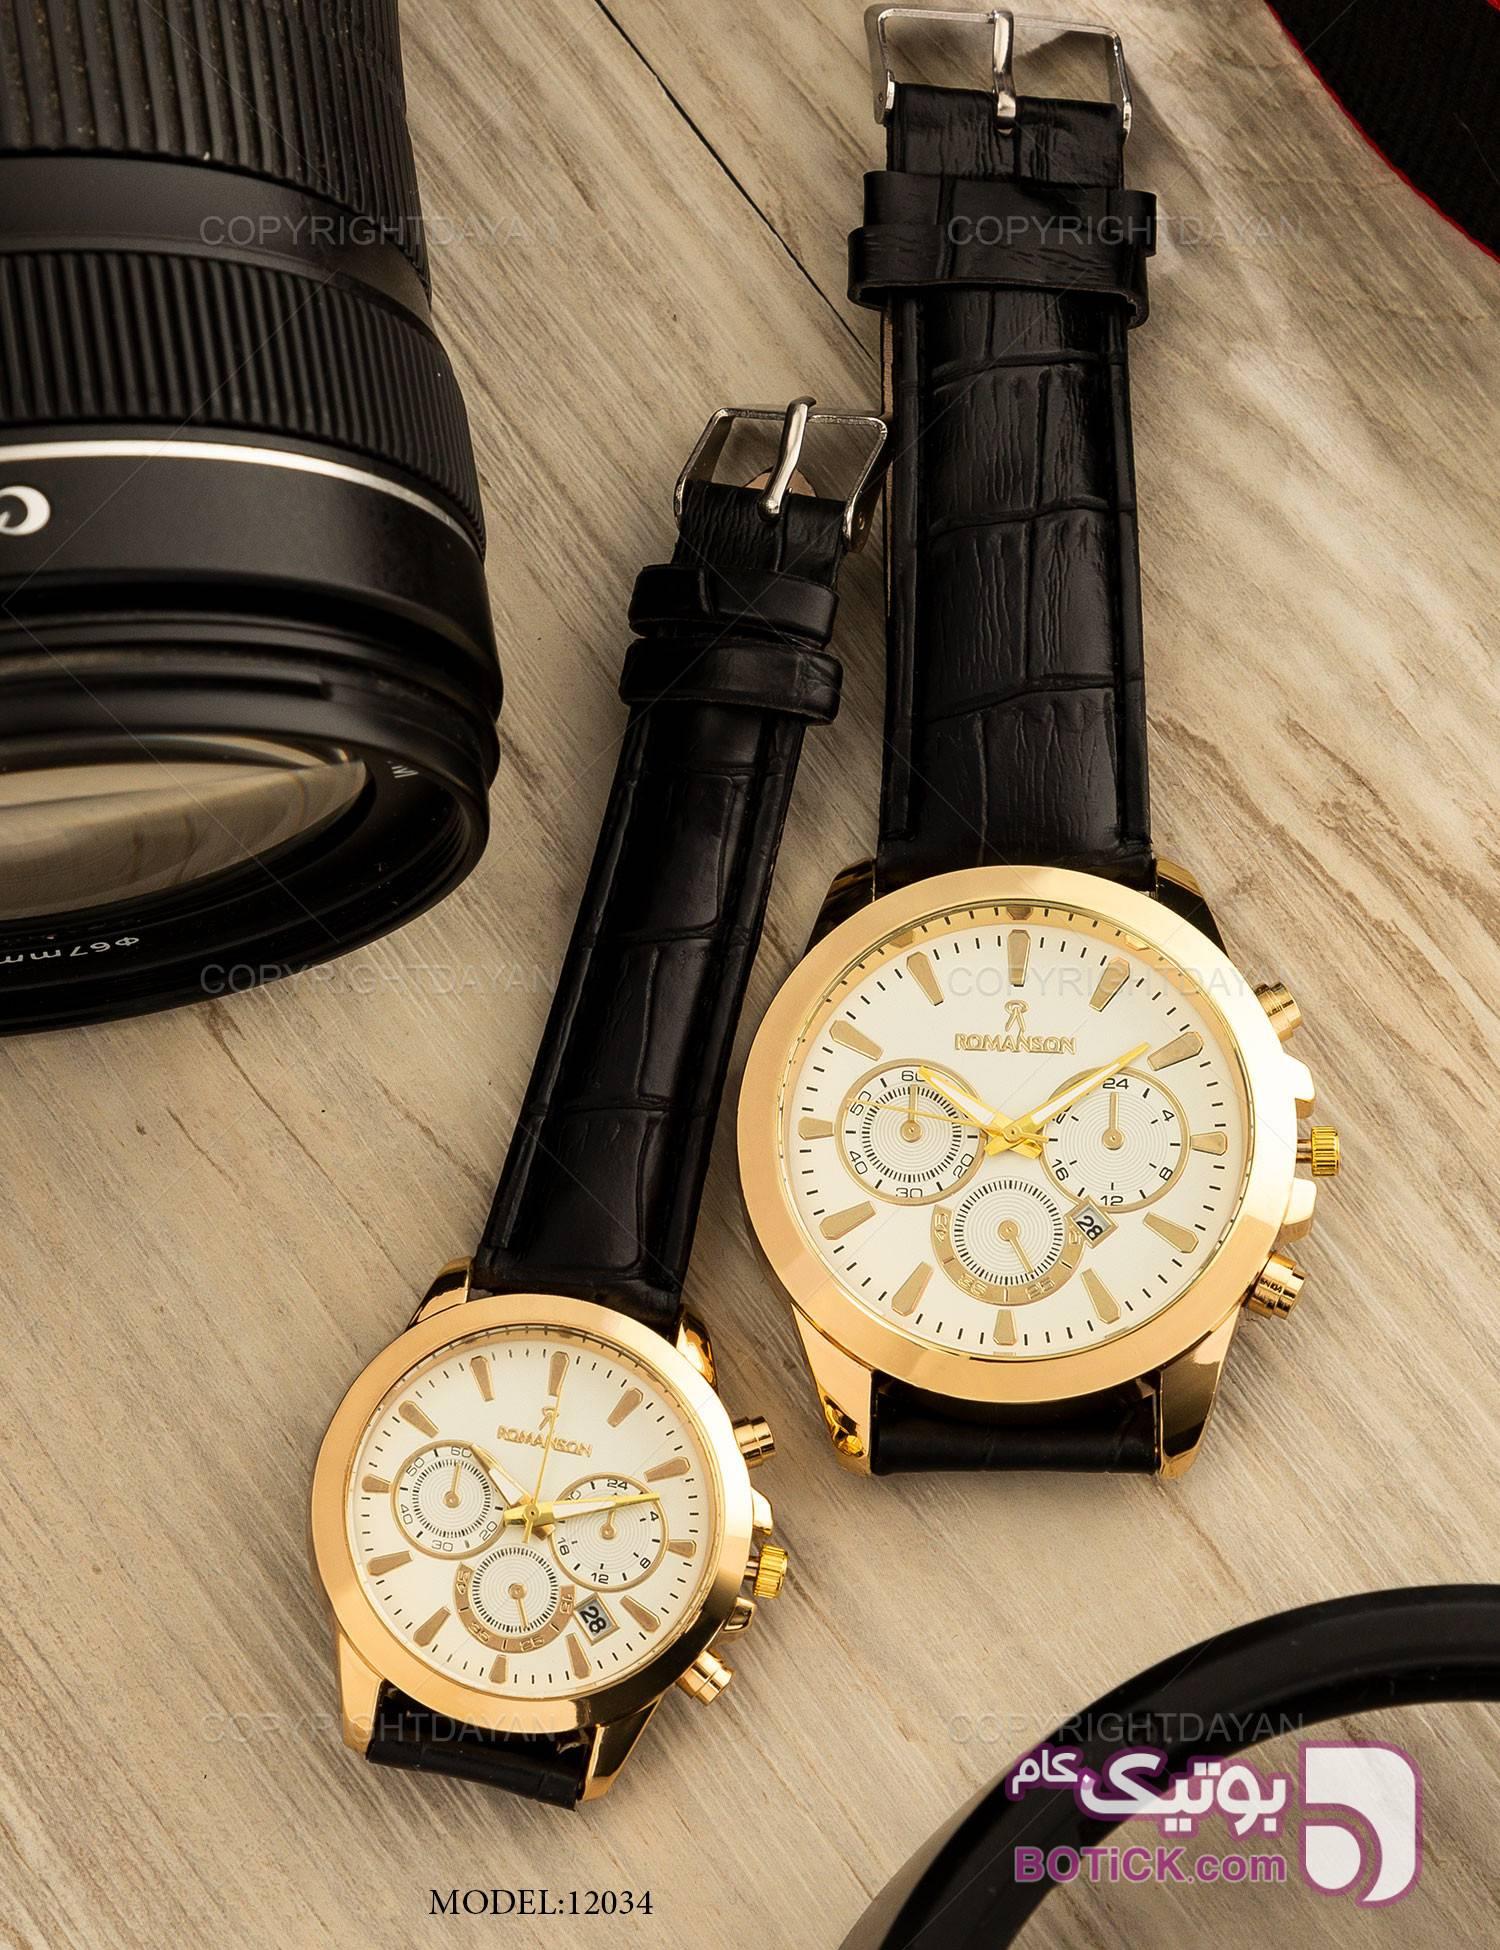 ست ساعت مچی Romanson مدل 12034 مشکی ساعت